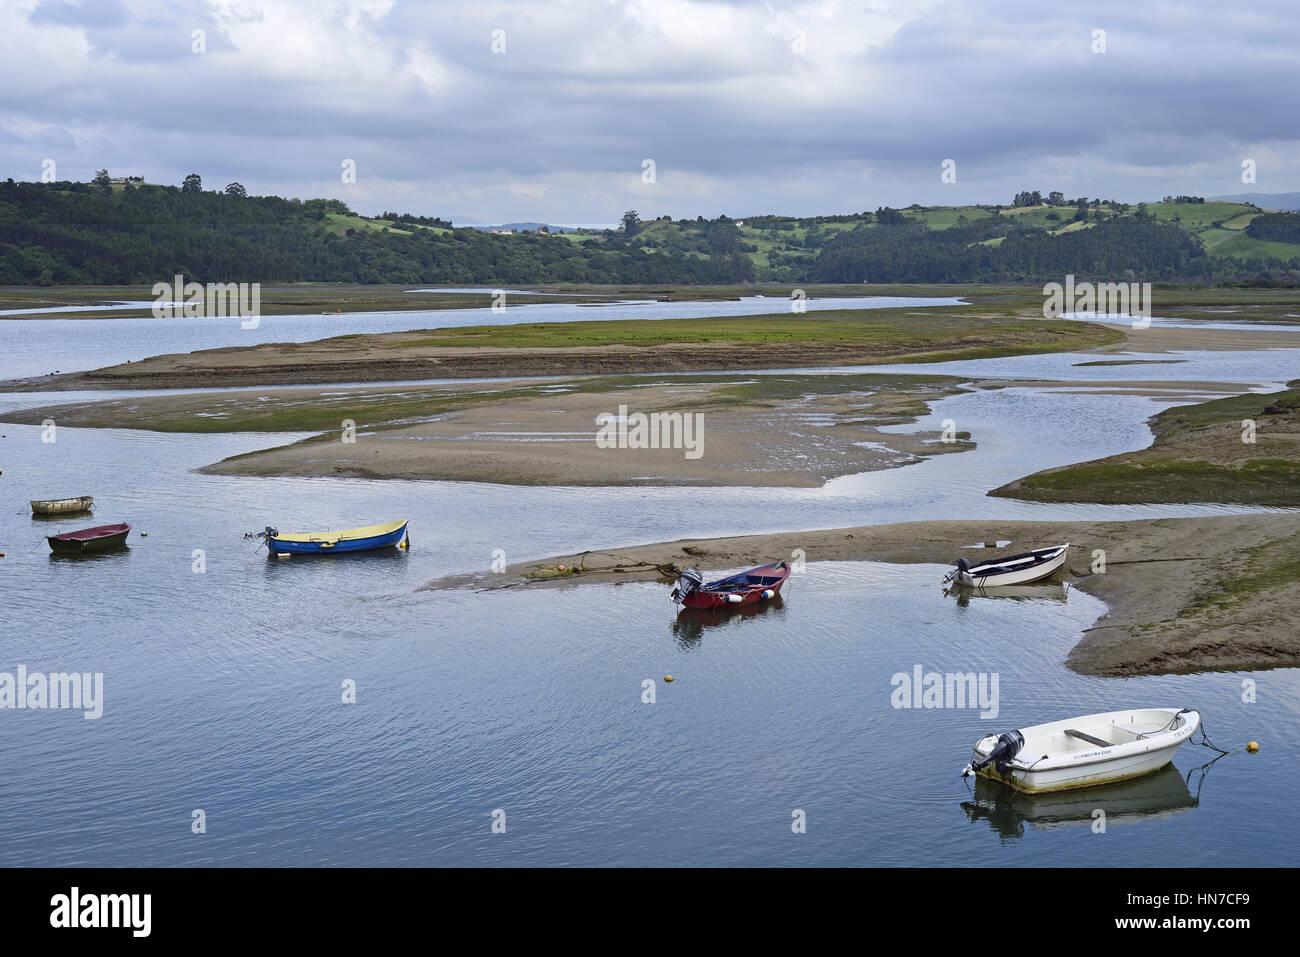 Boats on the tidal estuary of the Rio Escudo, by the Puente de la Maza, San Vicente de la Barquera, Cantabria, Northern - Stock Image